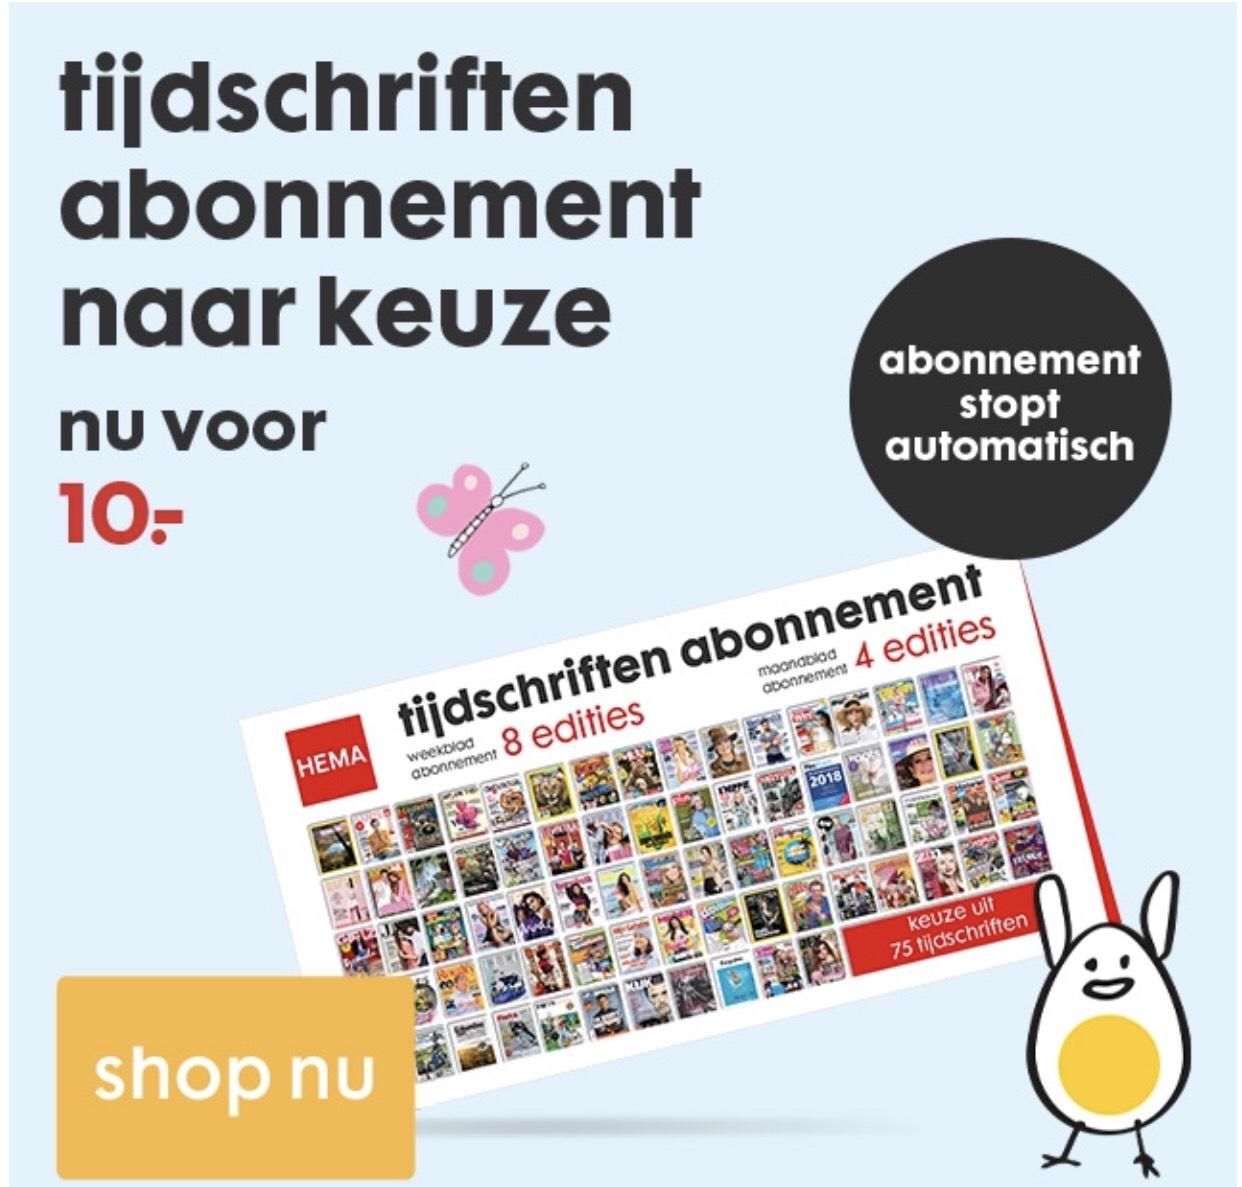 Hema tijdschriften abonnement 8 (week) of 4 (maand) tijdschriften voor €10